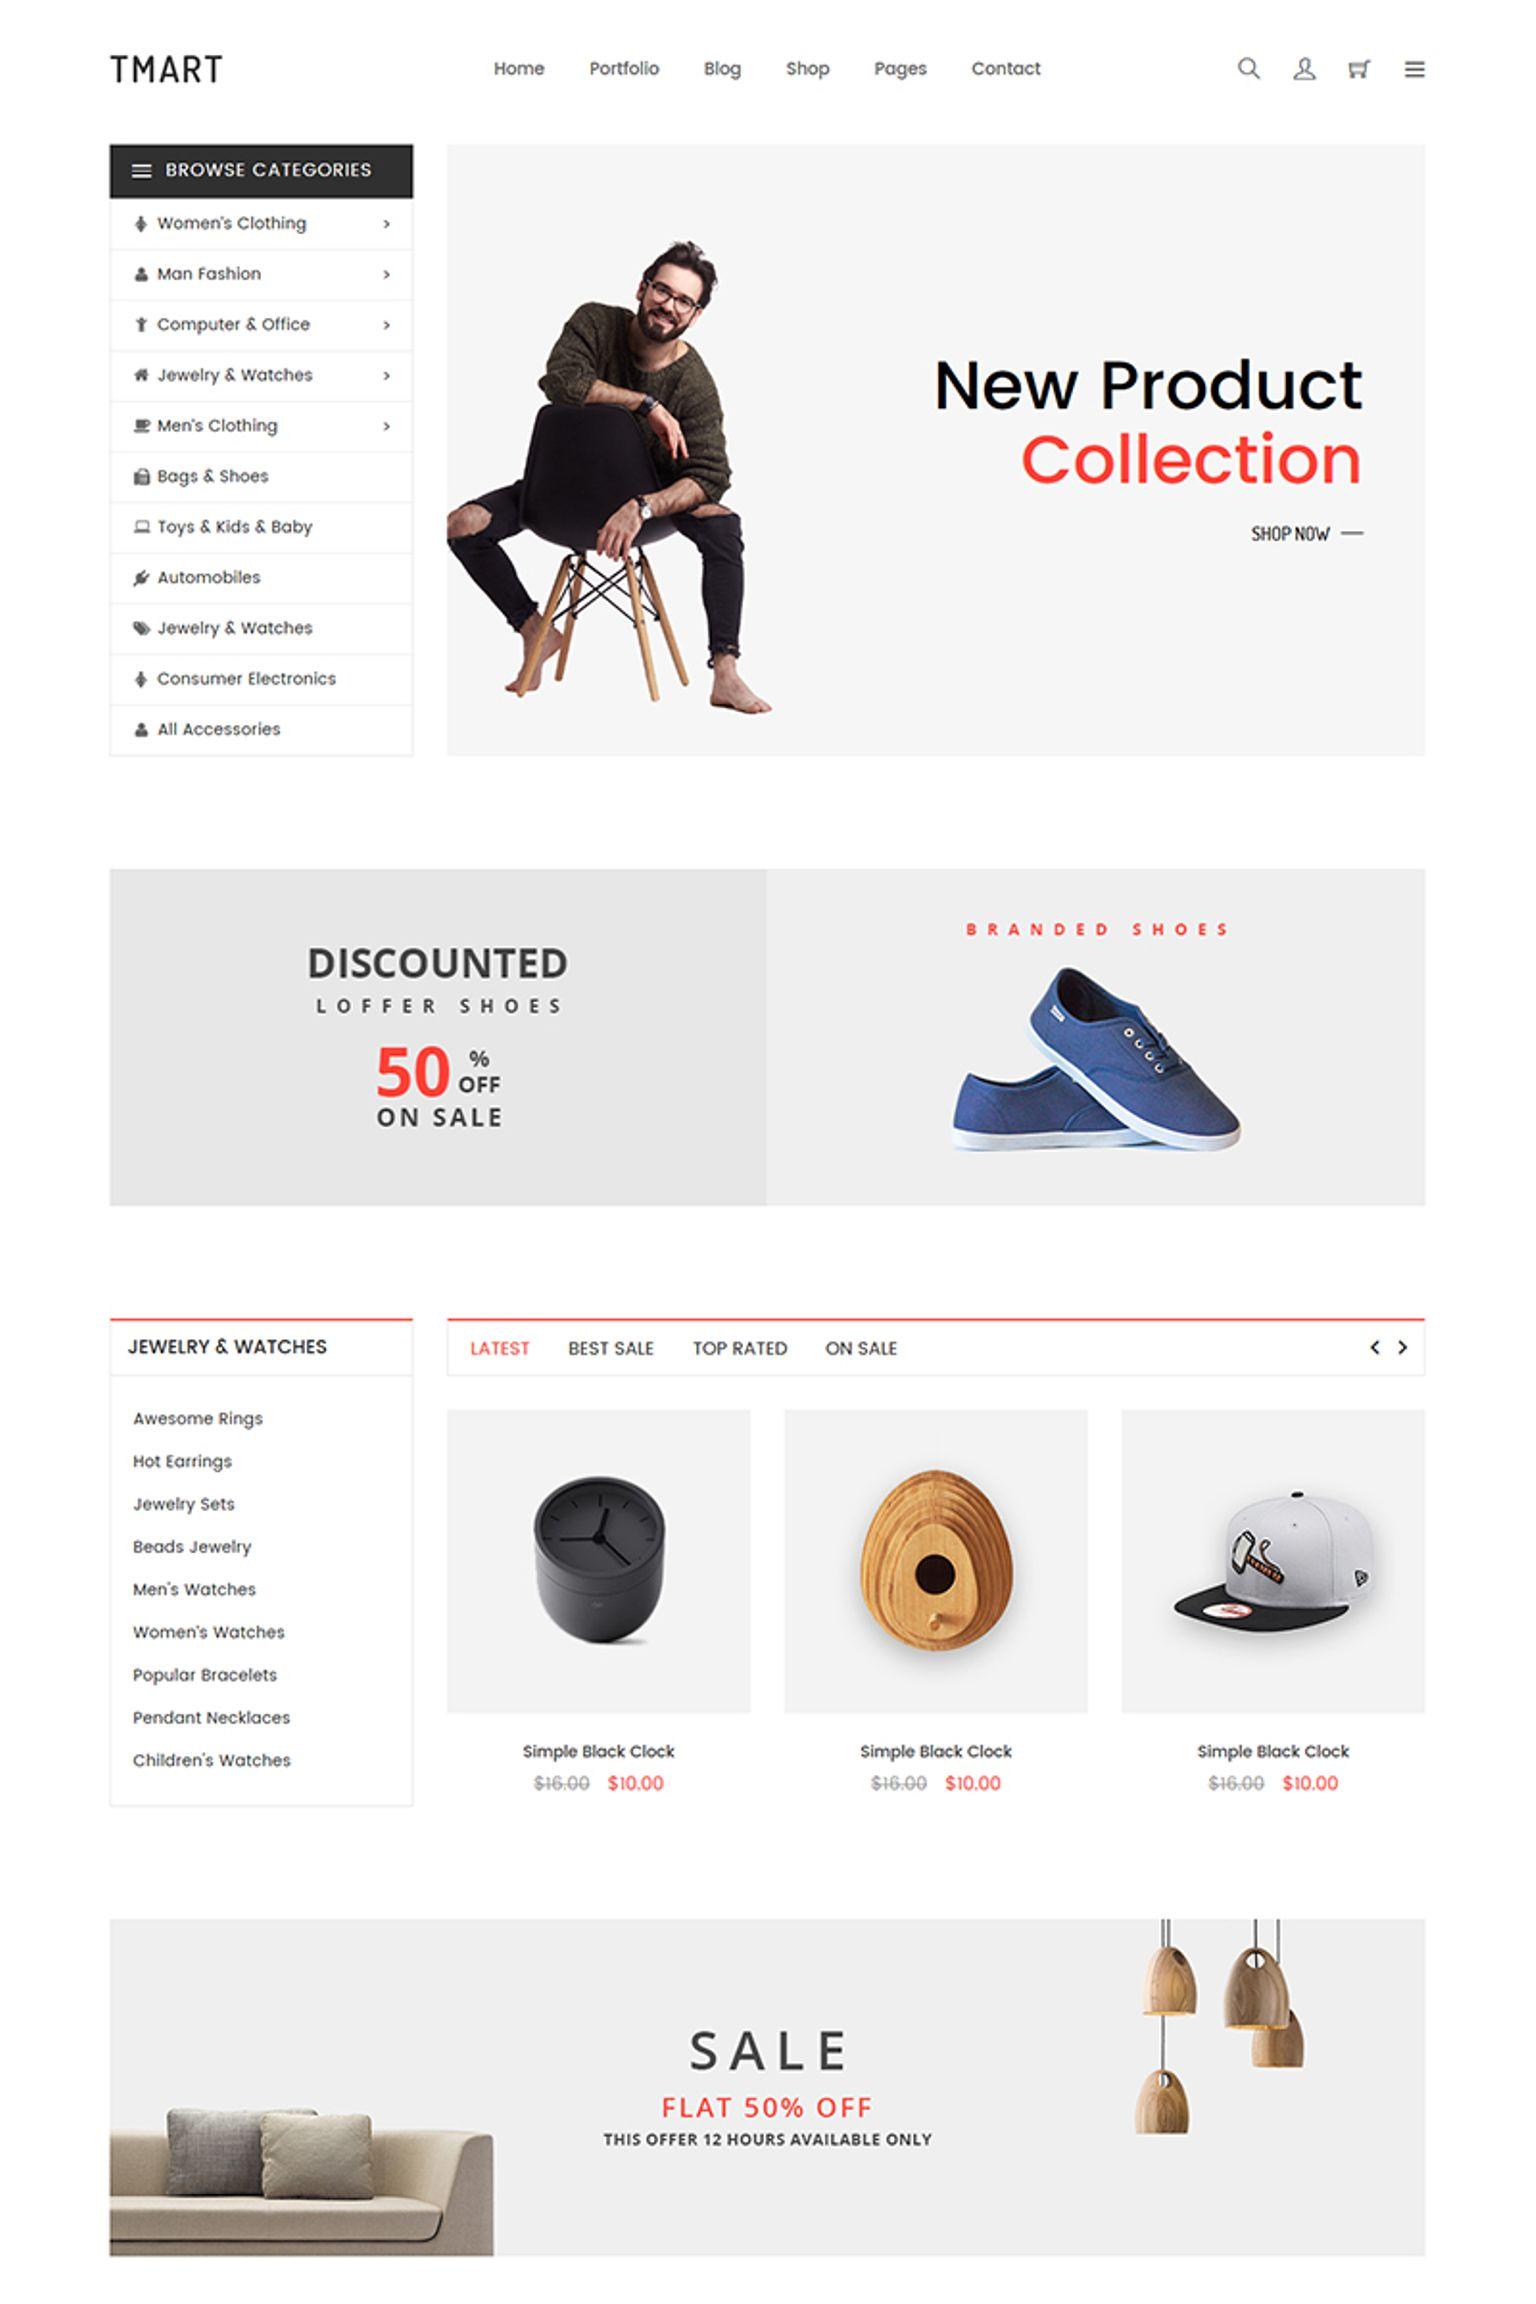 Wunderbar Website Verzeichnisvorlage Galerie ...